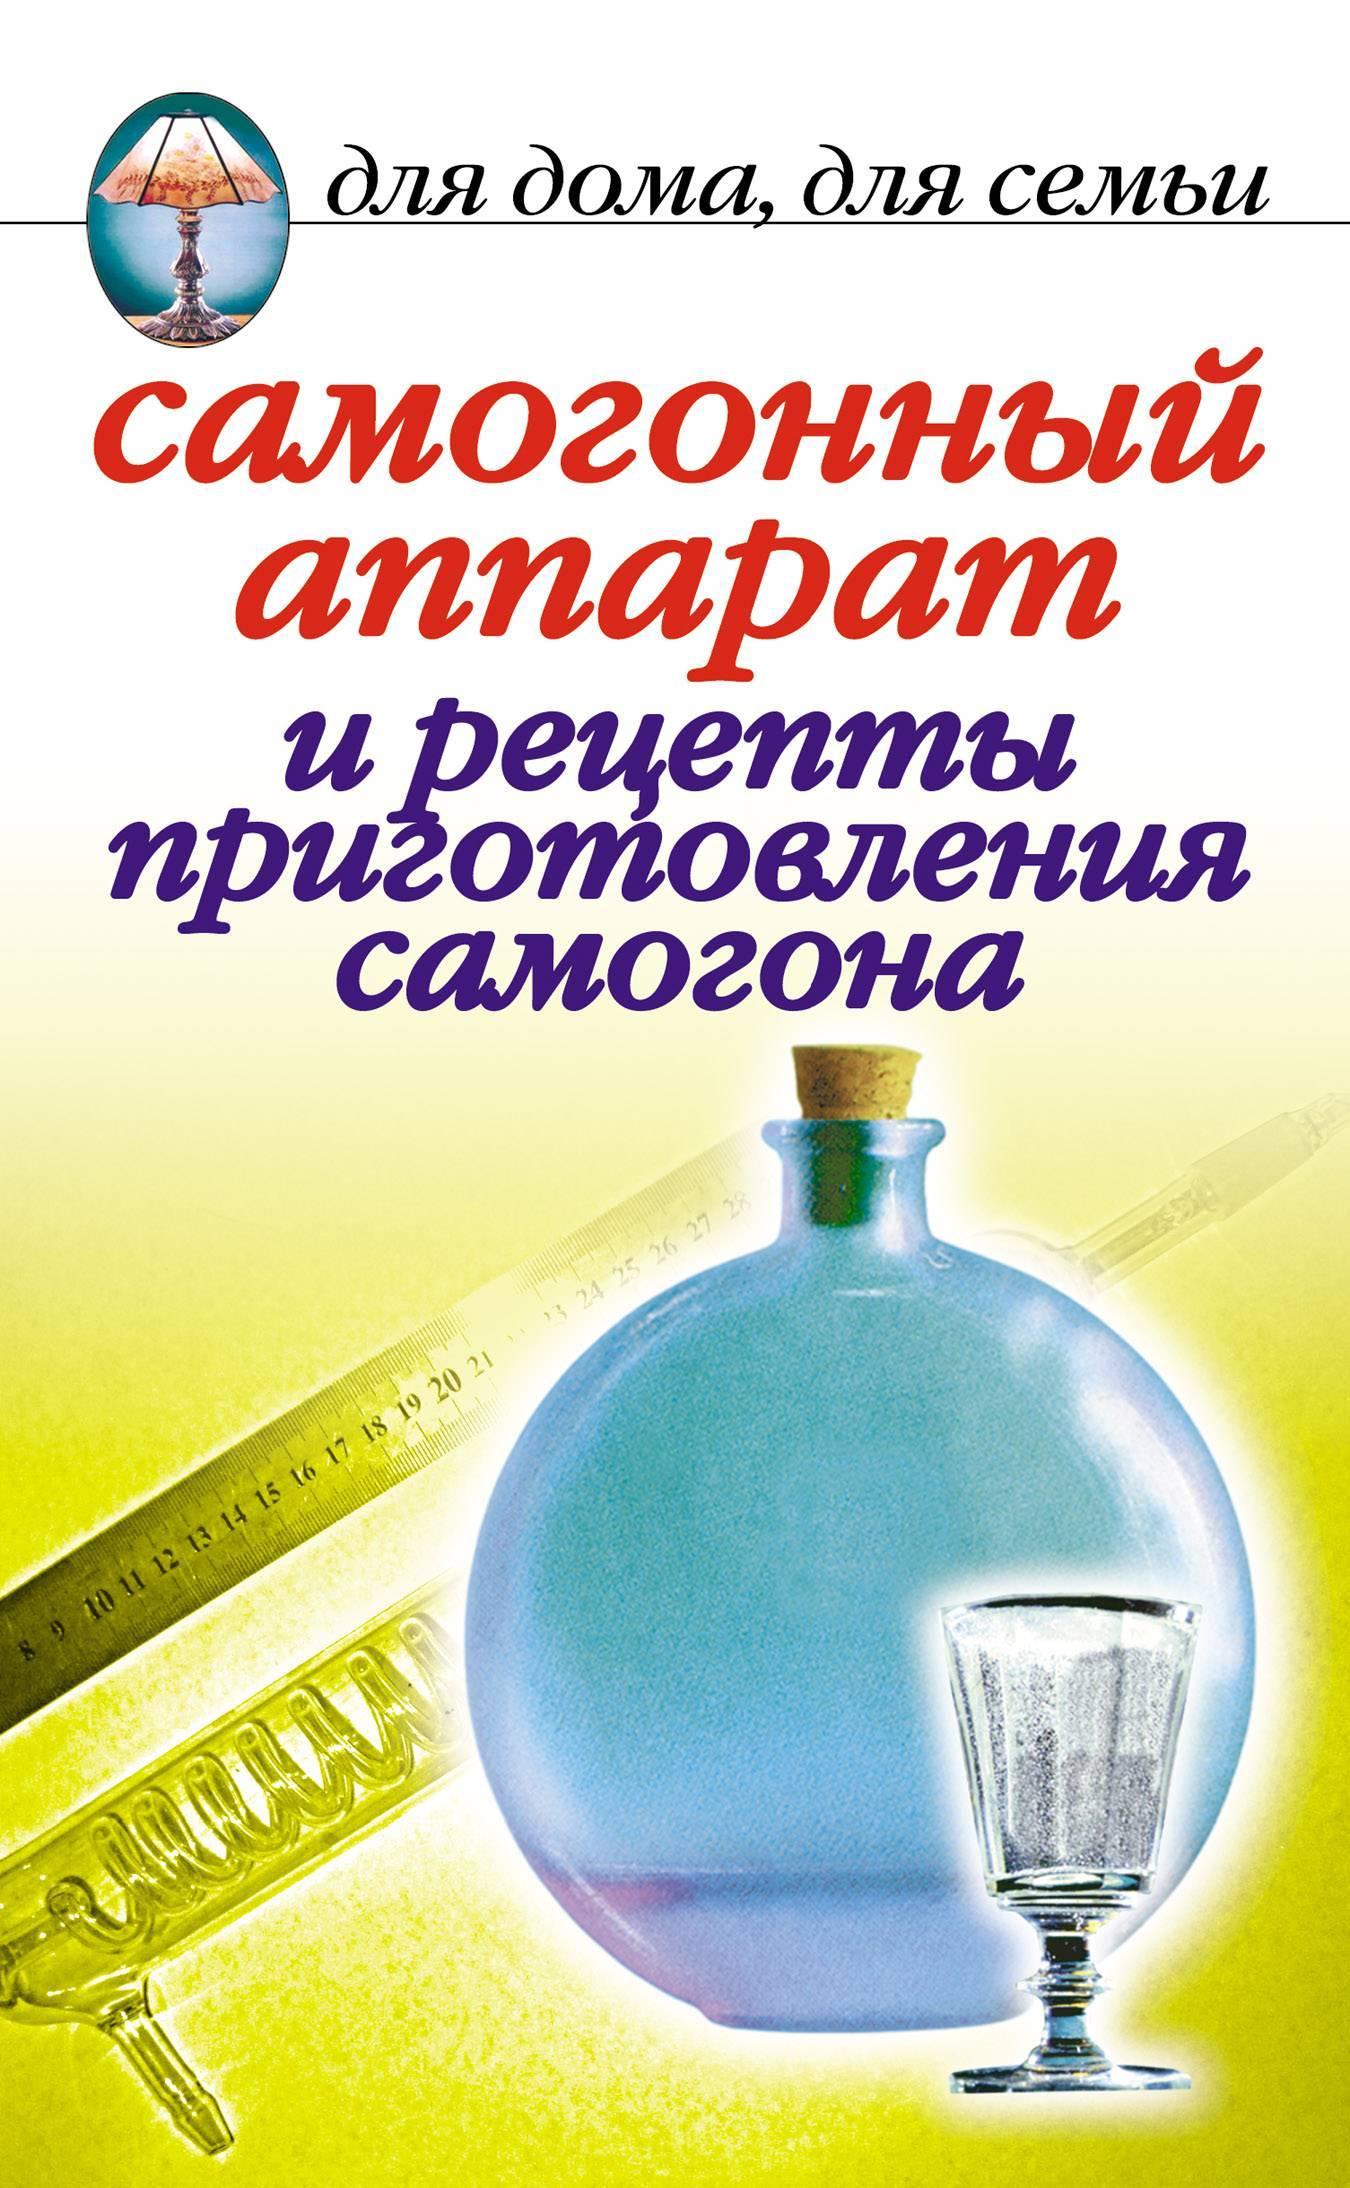 Ирина байдакова: самогон и другие спиртные напитки домашнего приготовления